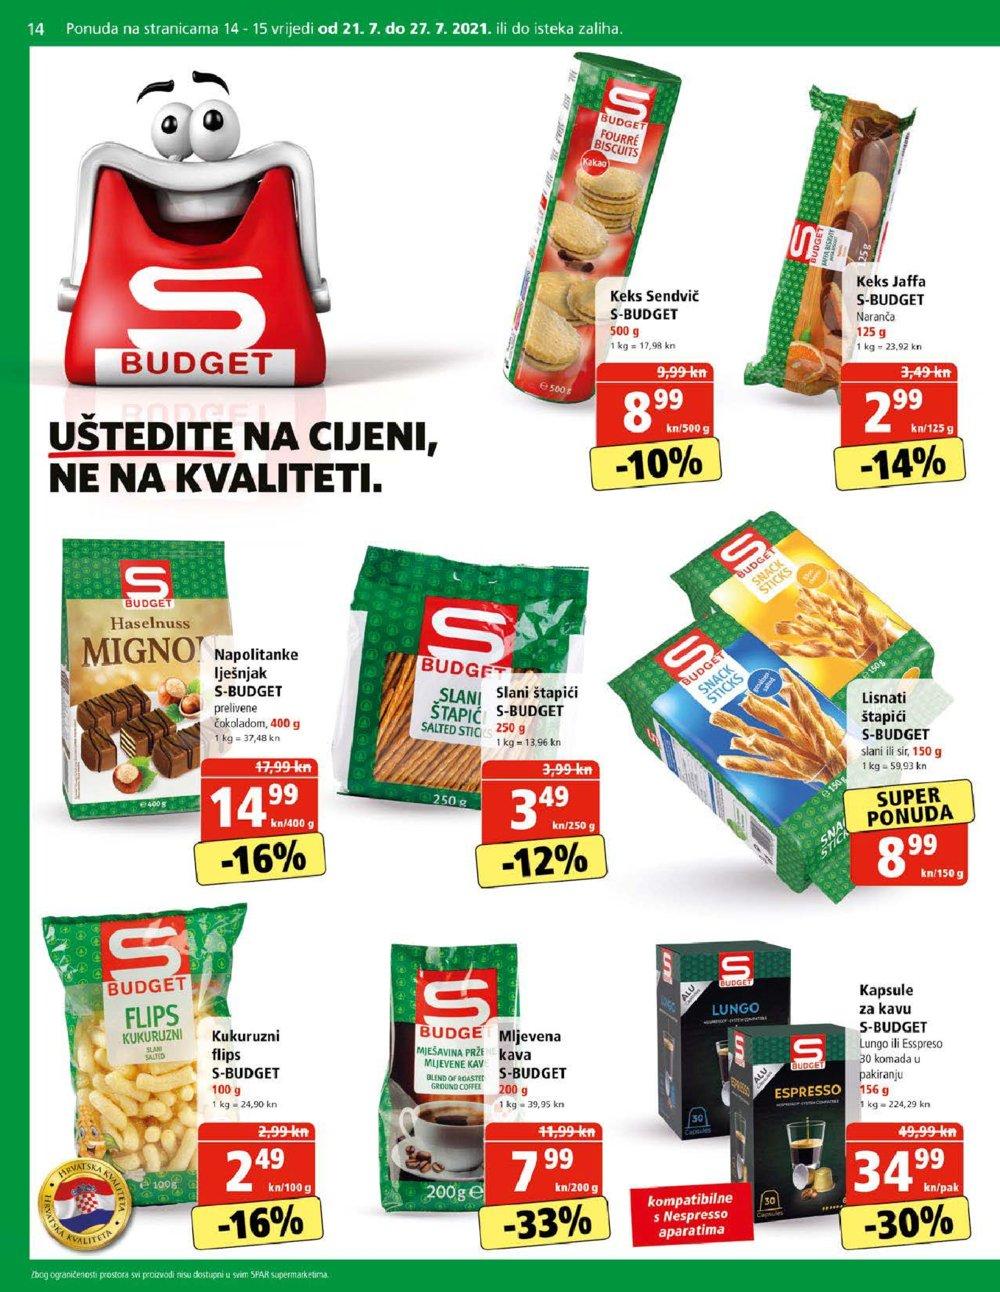 Spar katalog Akcija 21.07.-03.08.2021. Zelina, Pula, Zagreb